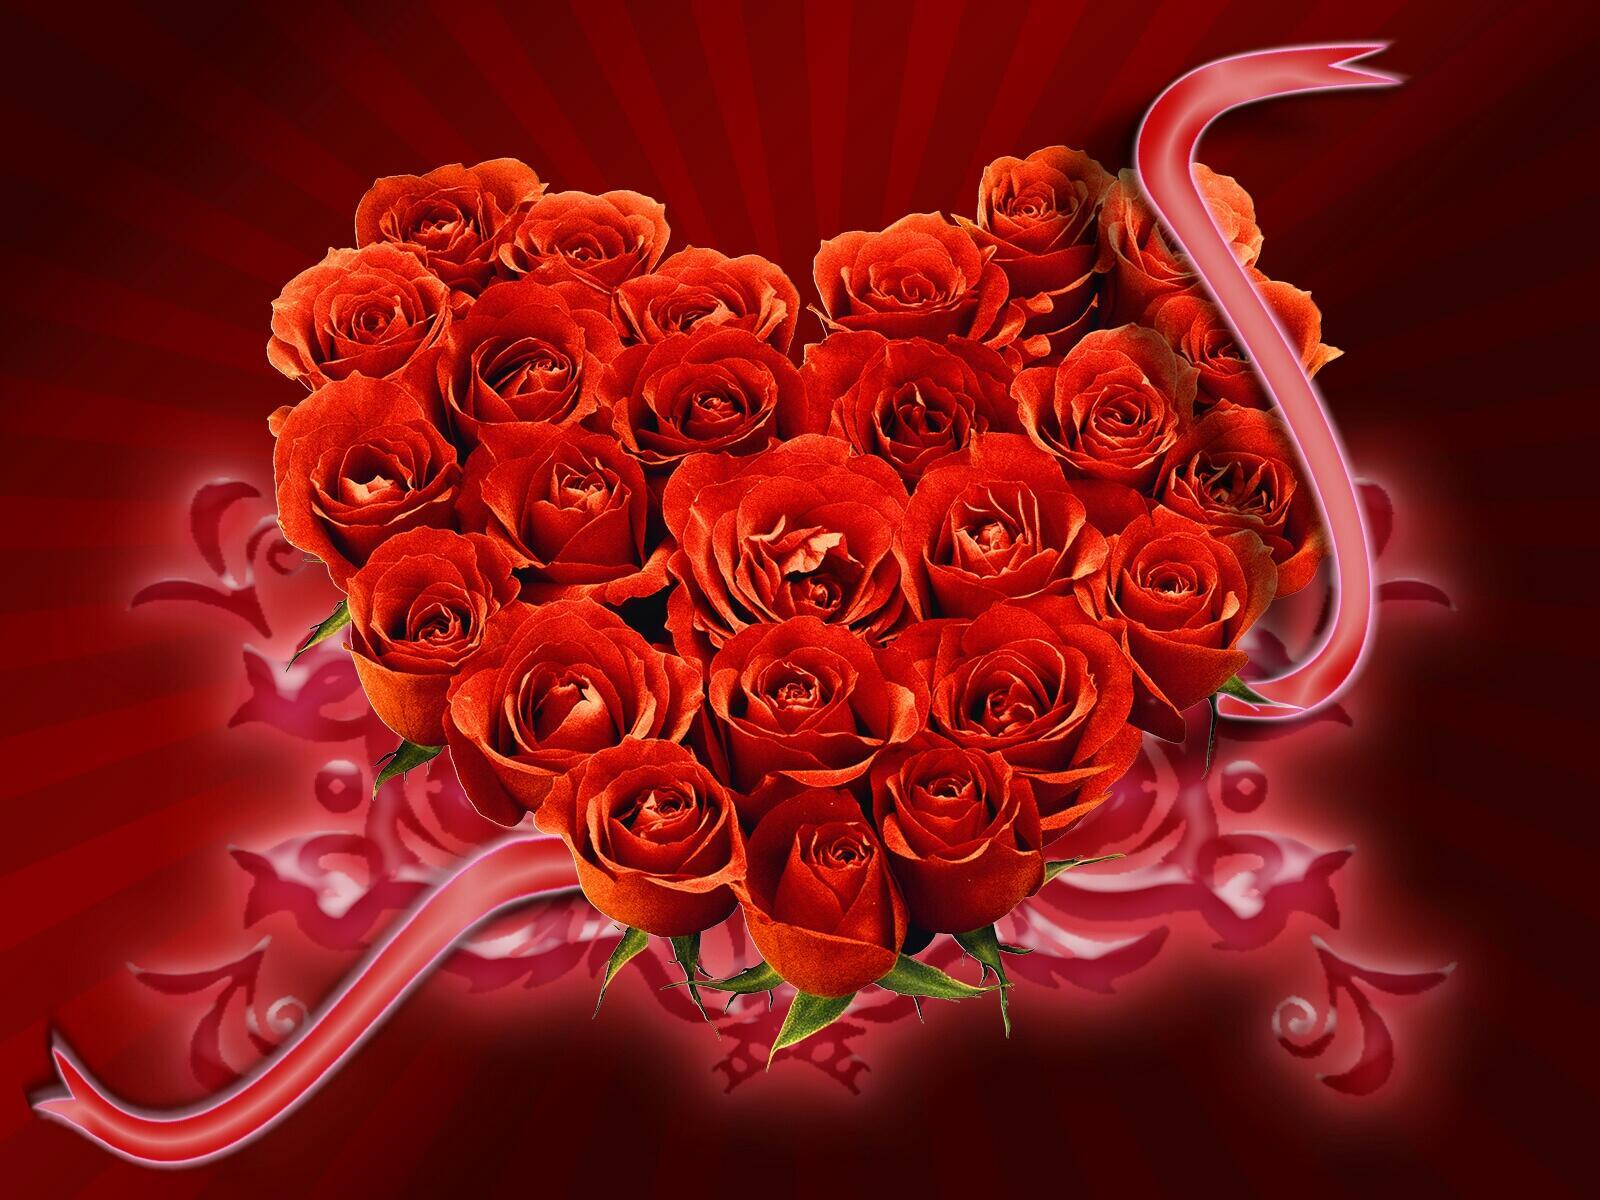 И смс картинки цветы любовь для женщины